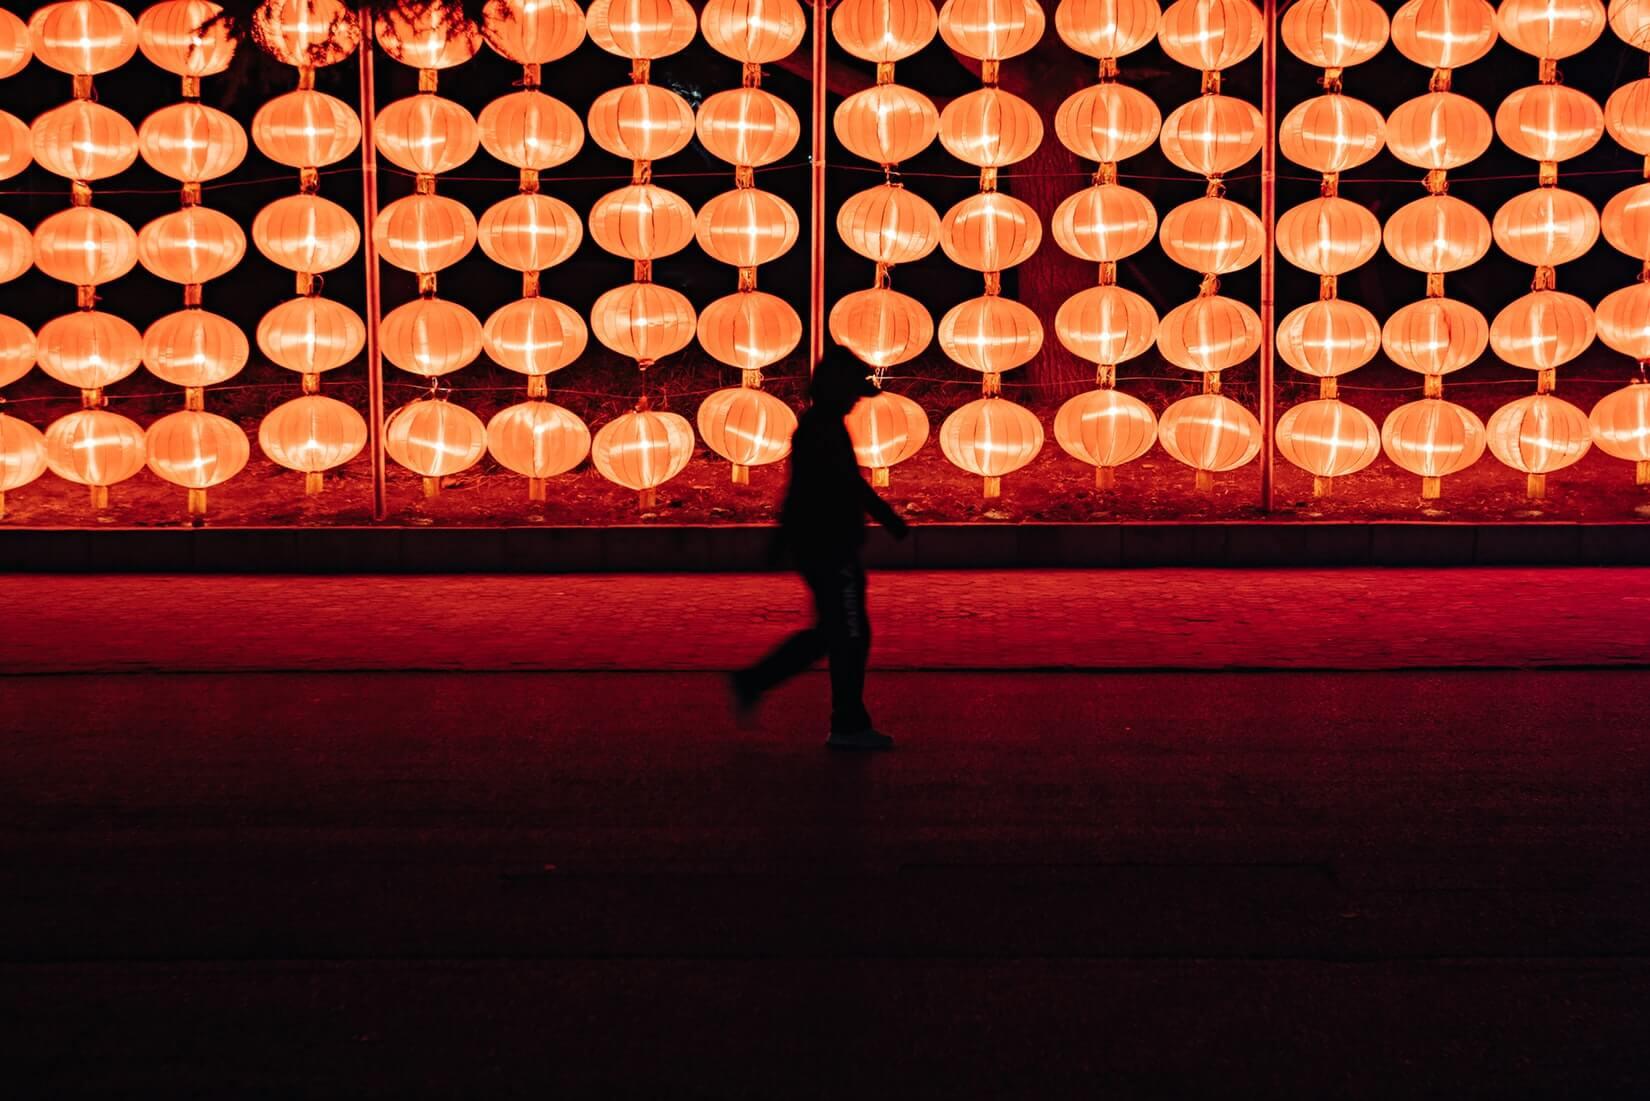 Вирус и туризм: стоит ли ехать сейчас в Китай (новость обновляется)